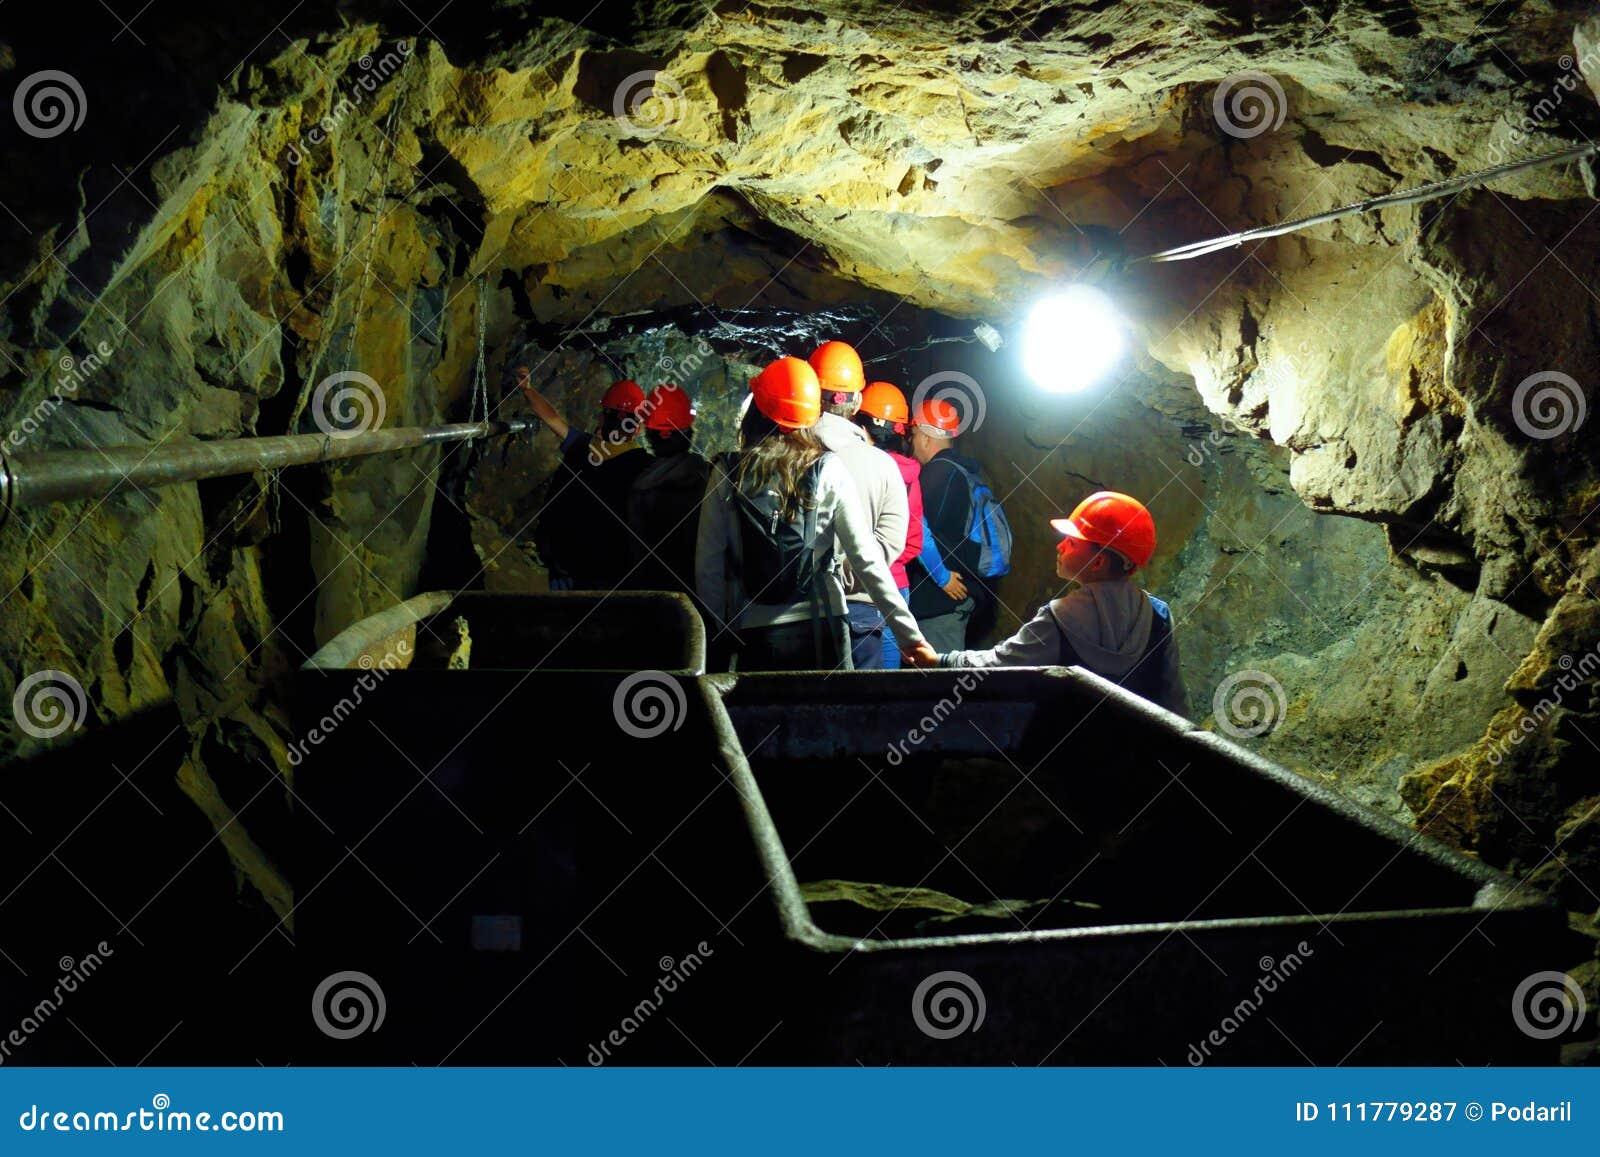 Excursions in the underground mine